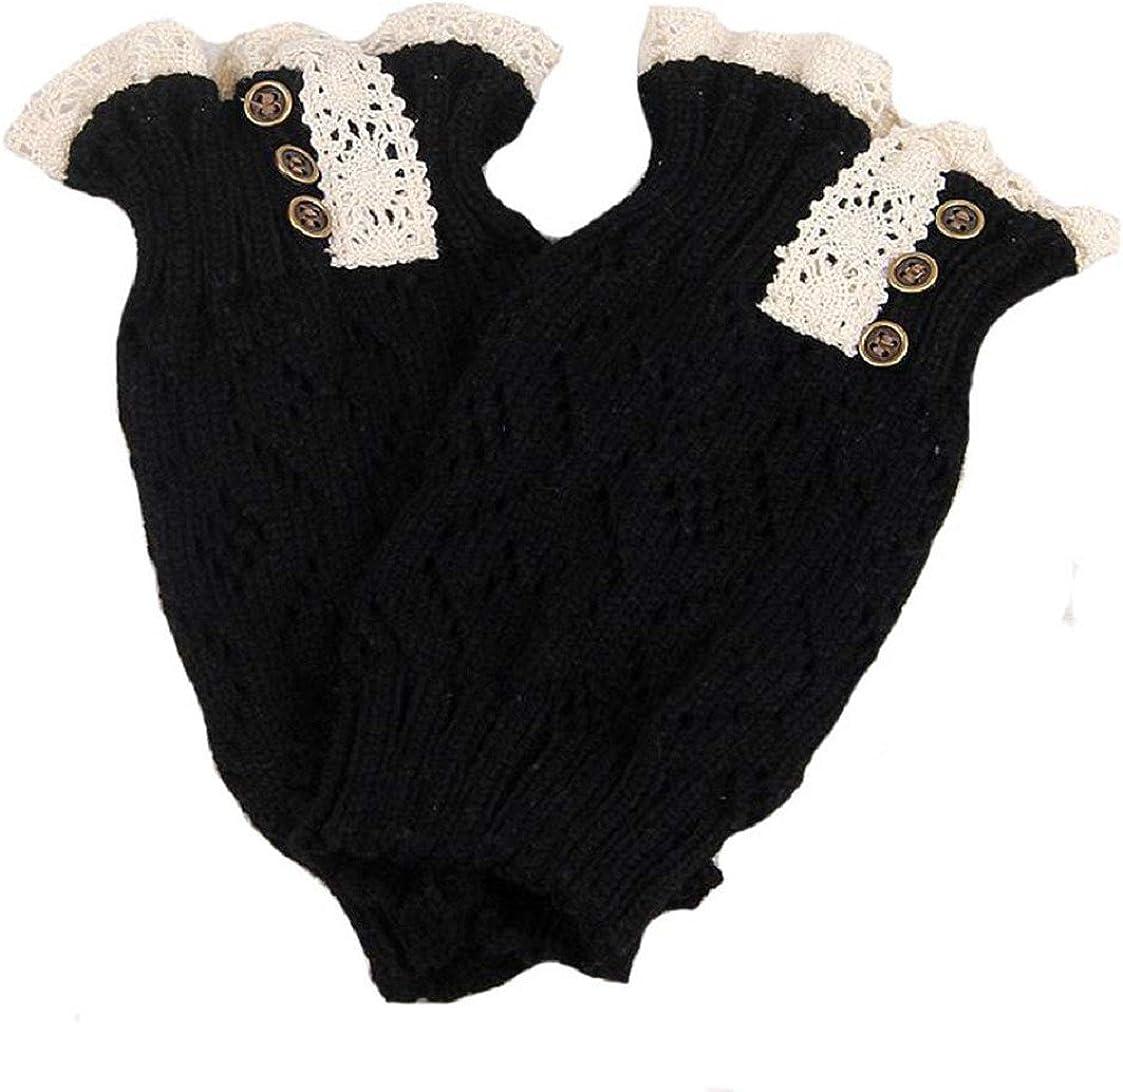 Vovotrade/®/®/® ❤❤ Popul/äre Frauen-Spitze-Ausdehnungs-Stiefel-Bein-Stulpen-Stiefel-Socken